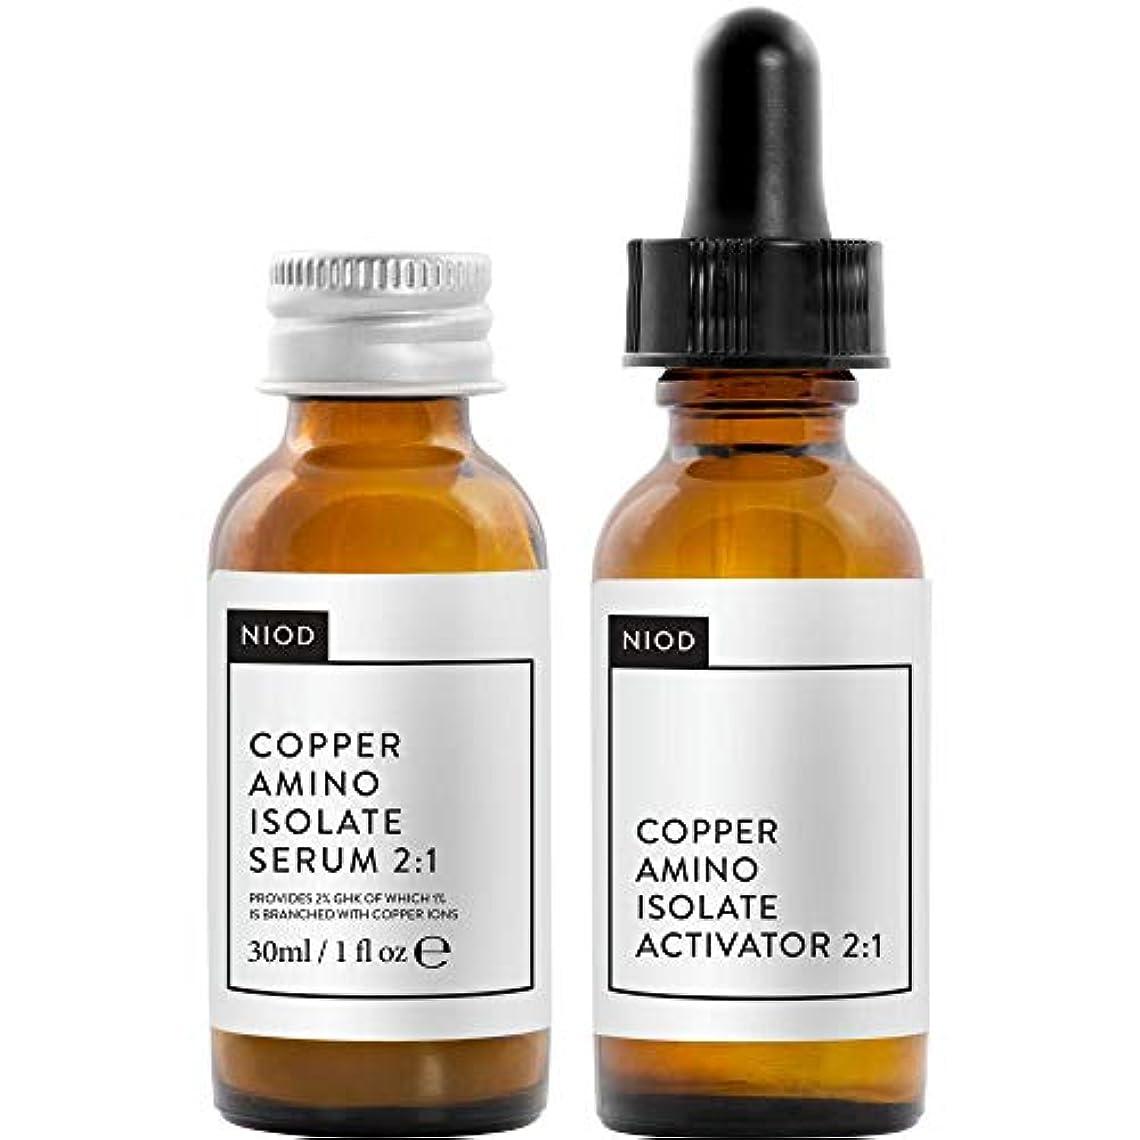 にぎやかスタンド抵抗[NIOD] Niod銅アミノ分離株の血清2:1 30ミリリットル - NIOD Copper Amino Isolate Serum 2:1 30ml [並行輸入品]